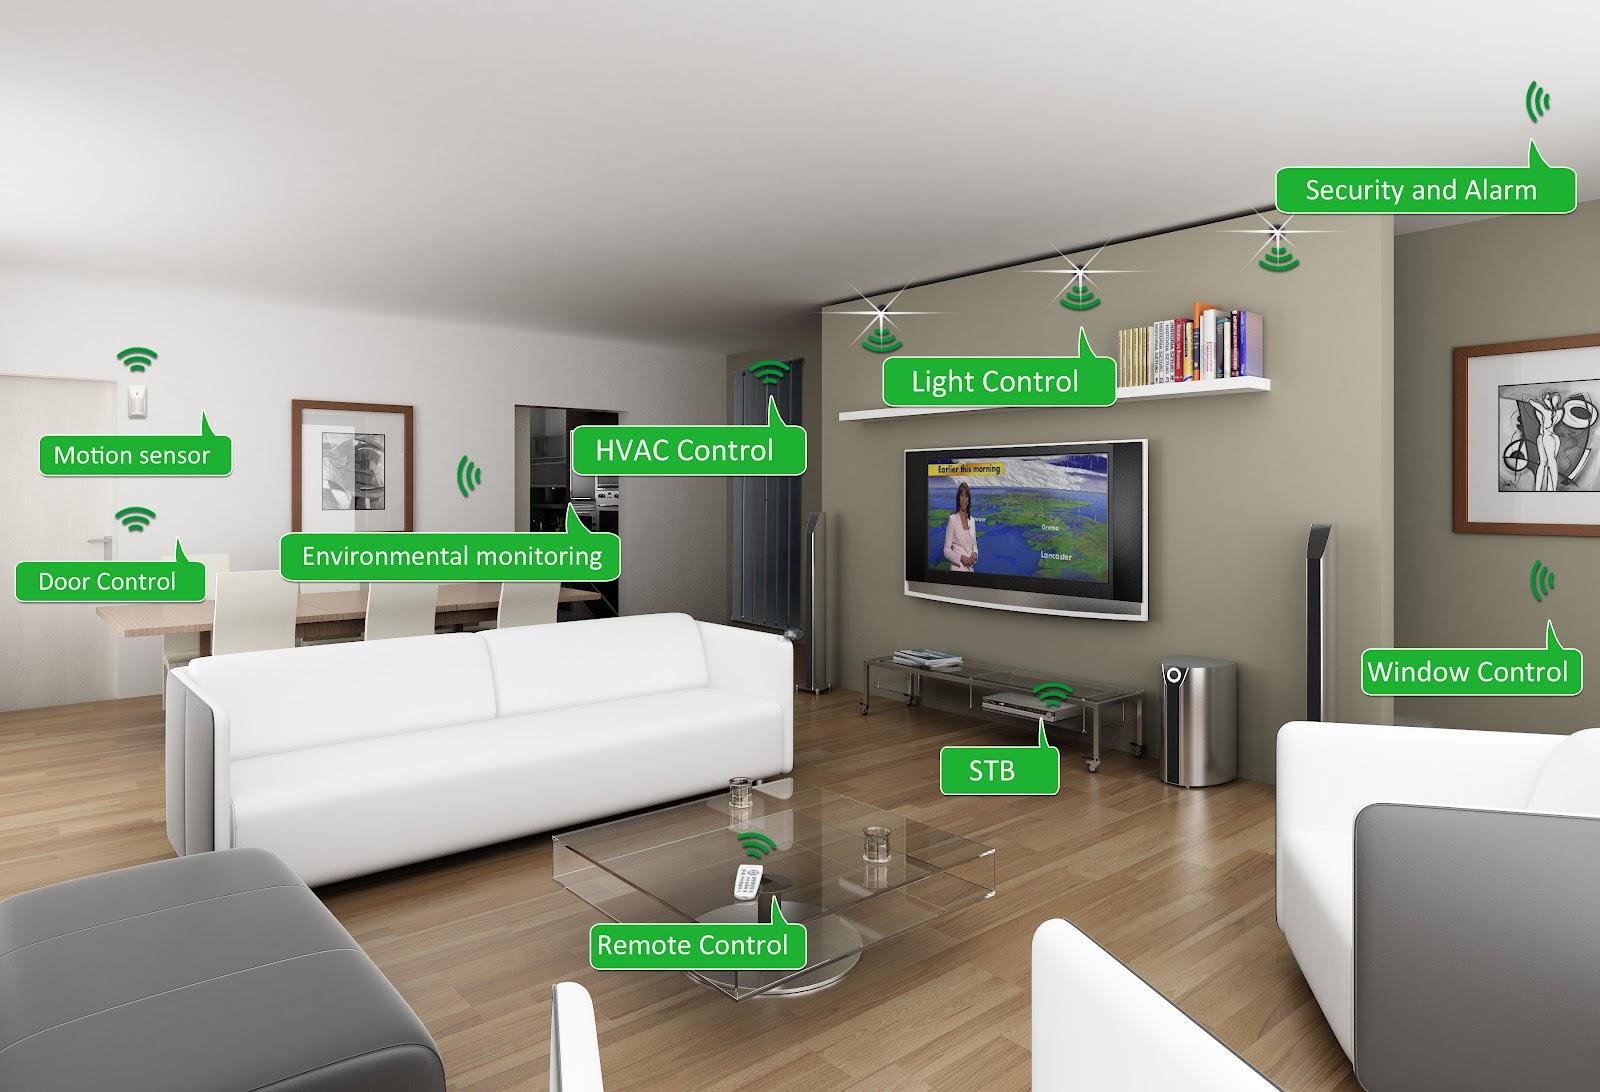 Livingroomautomation.jpg